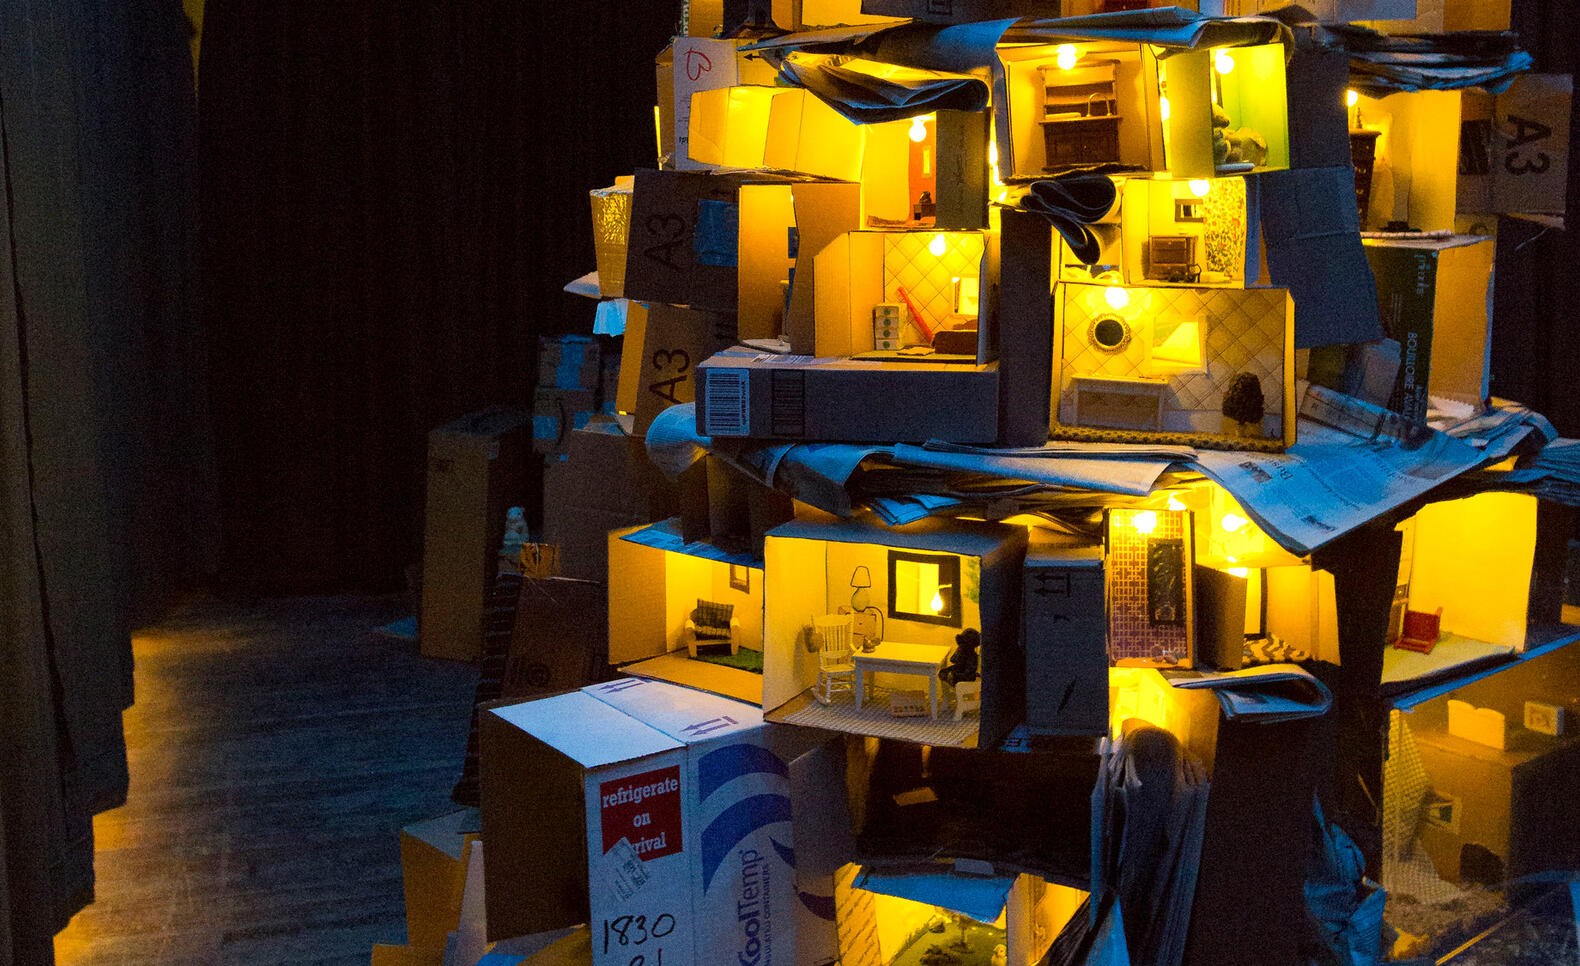 Light sculpture by an MFA student